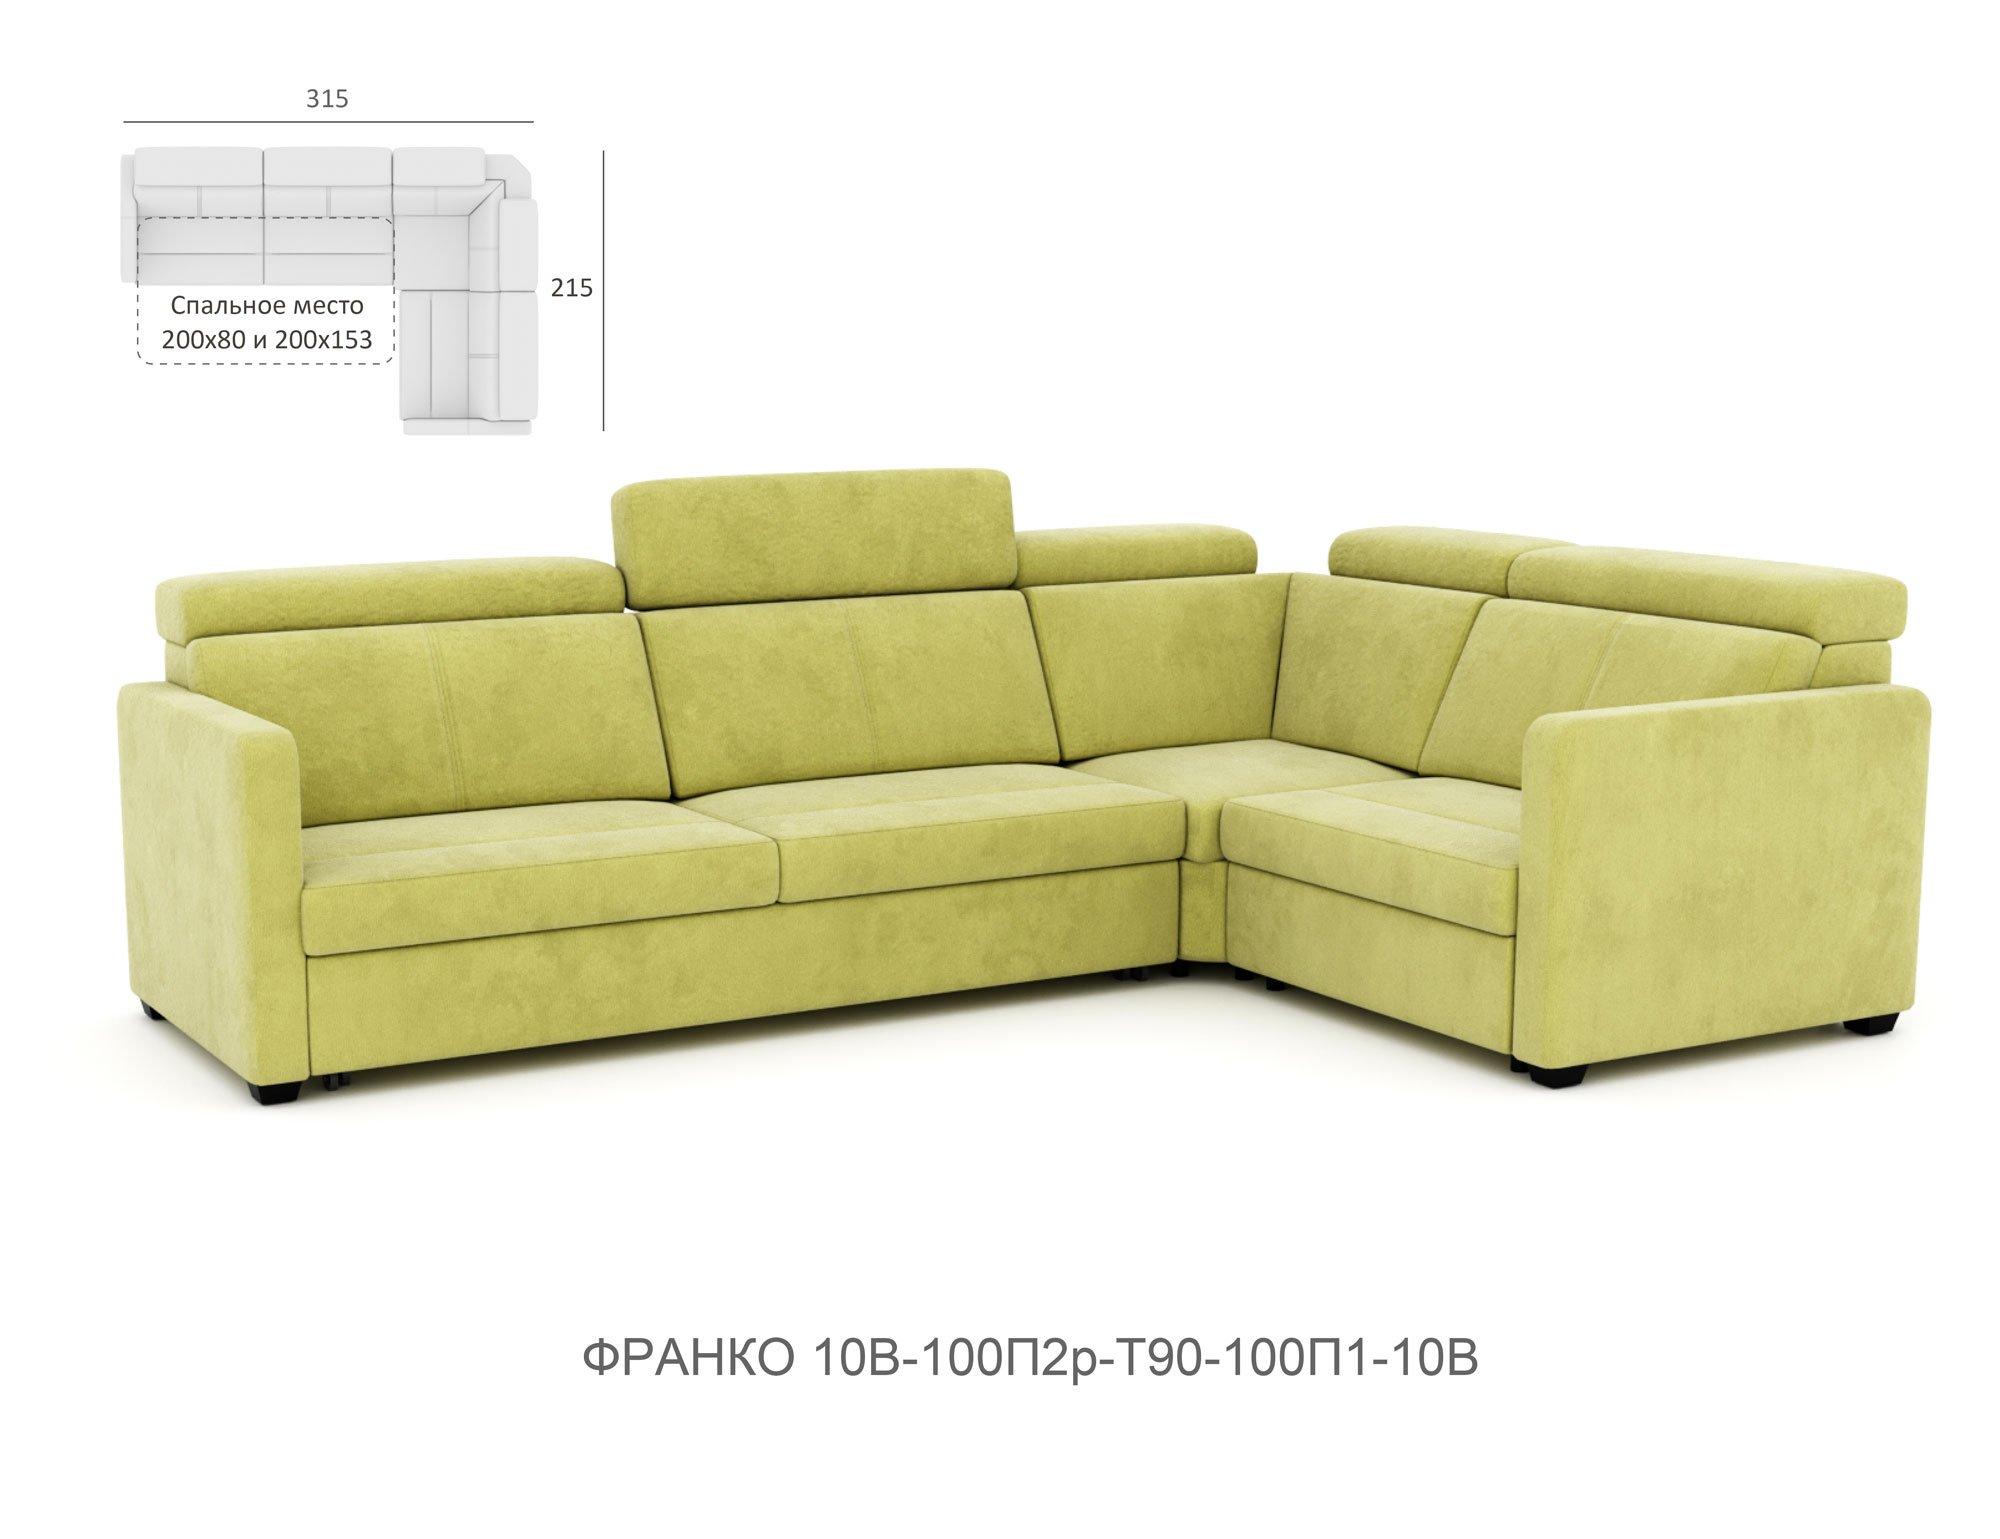 Франко 10В-100П2р-Т90-100П1-10В